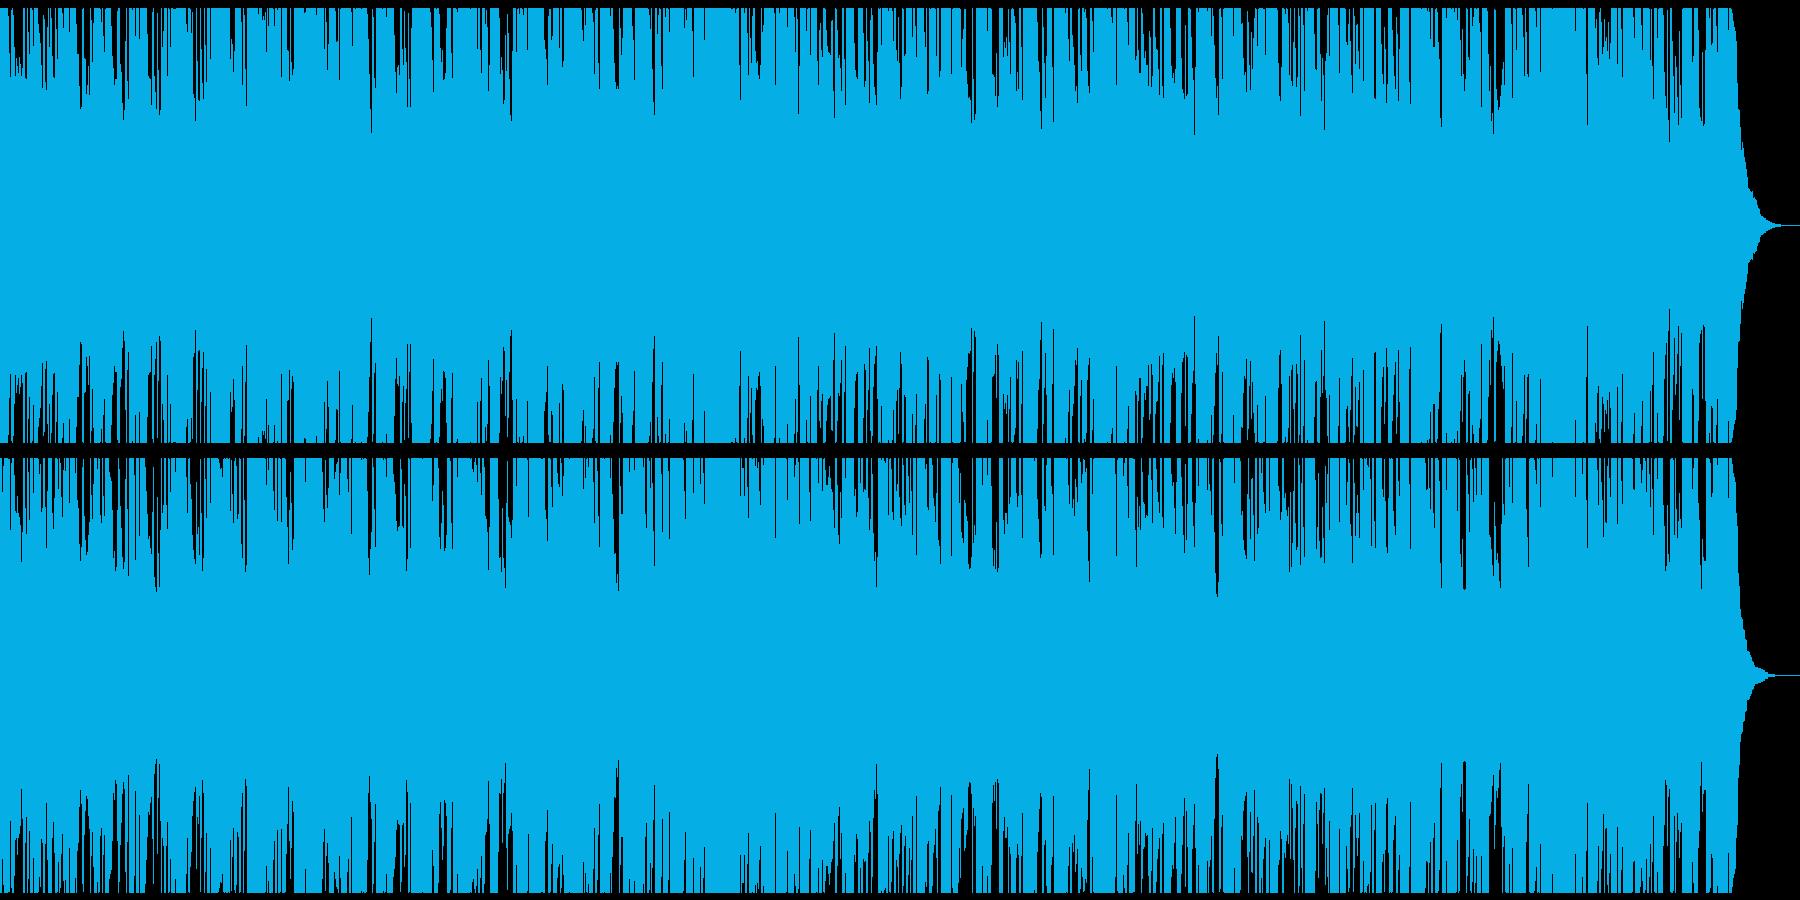 ノスタルジックなマンドリン生演奏のワルツの再生済みの波形